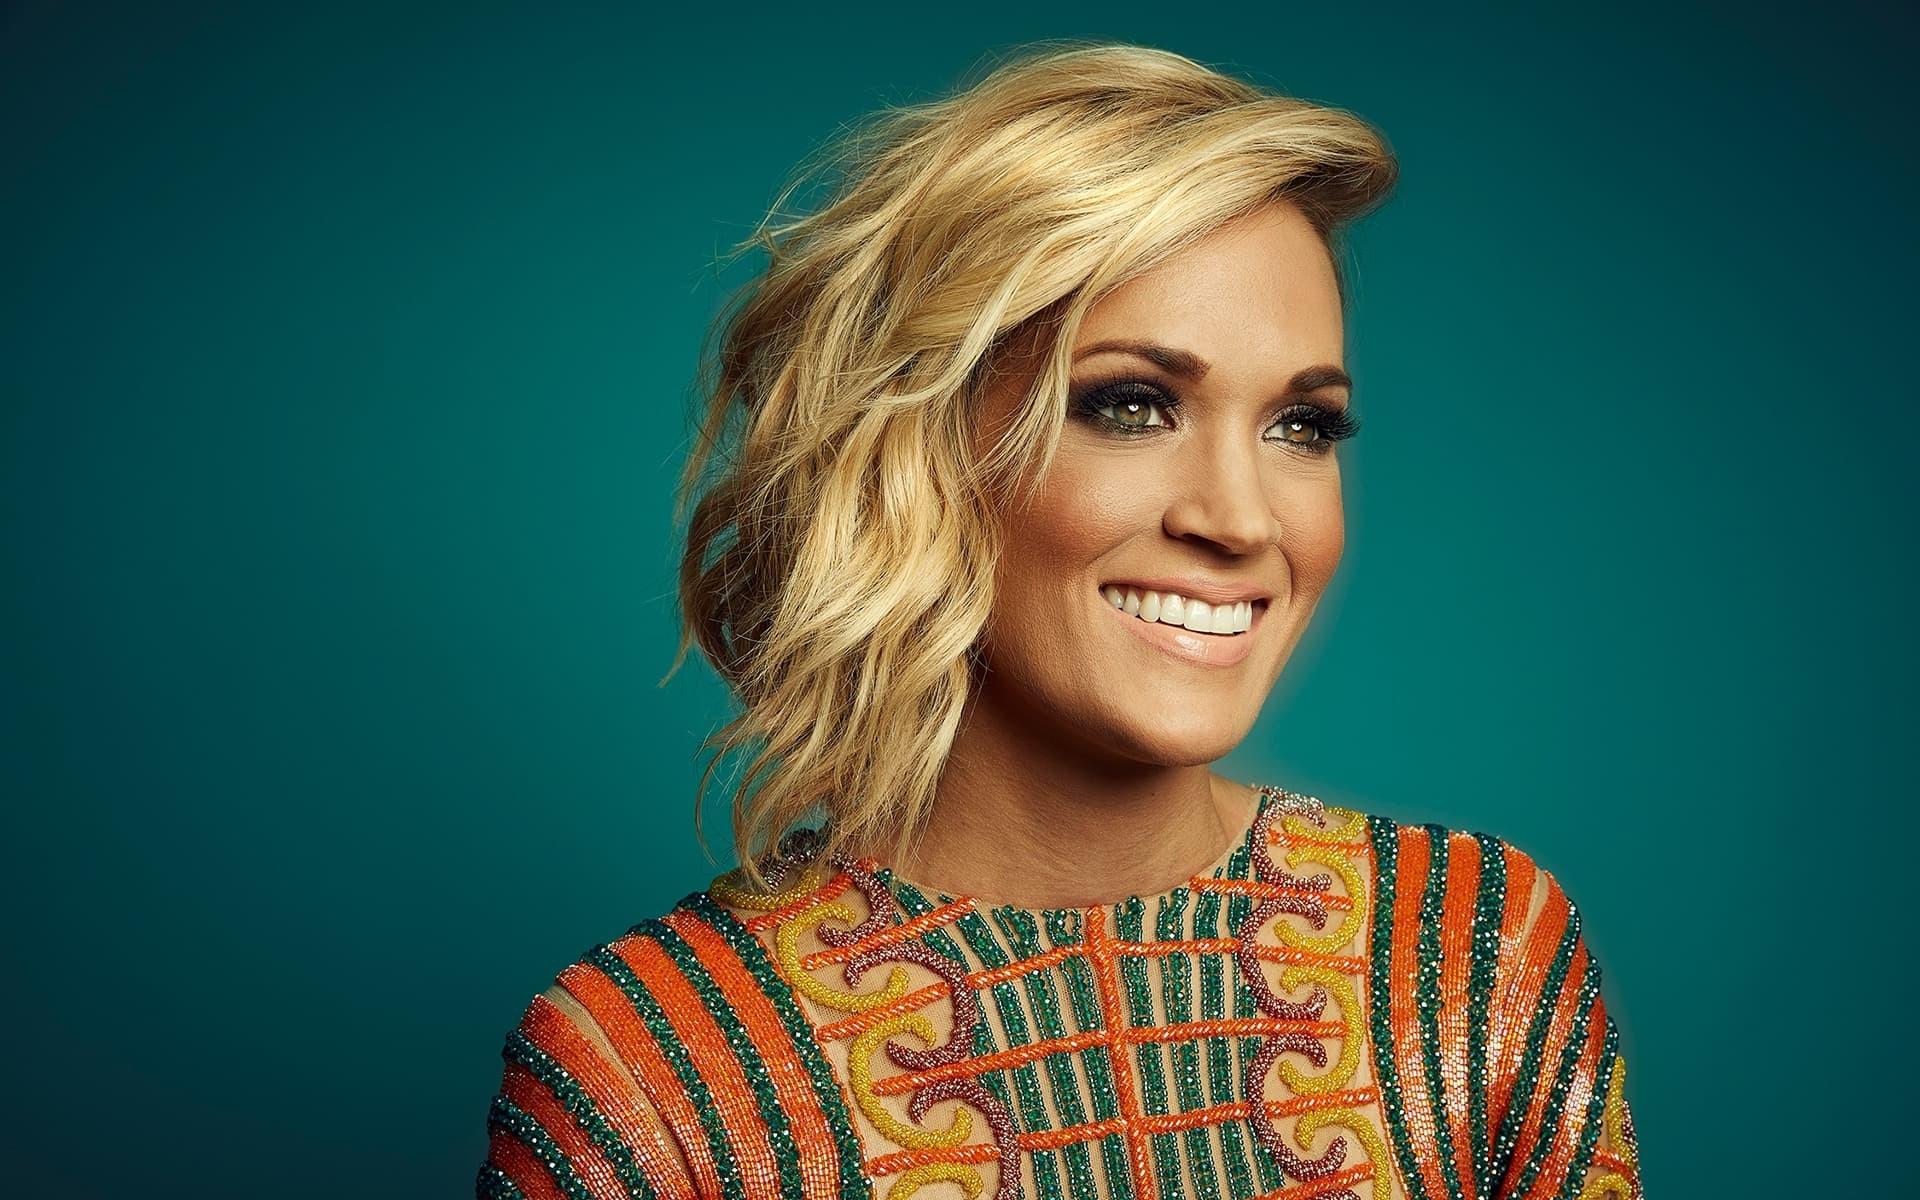 Carrie Marie Underwood Muskogee 10 maart 1983 is een Amerikaans zangeres van countrymuziek en actrice Ze was winnaar van American Idol in 2005